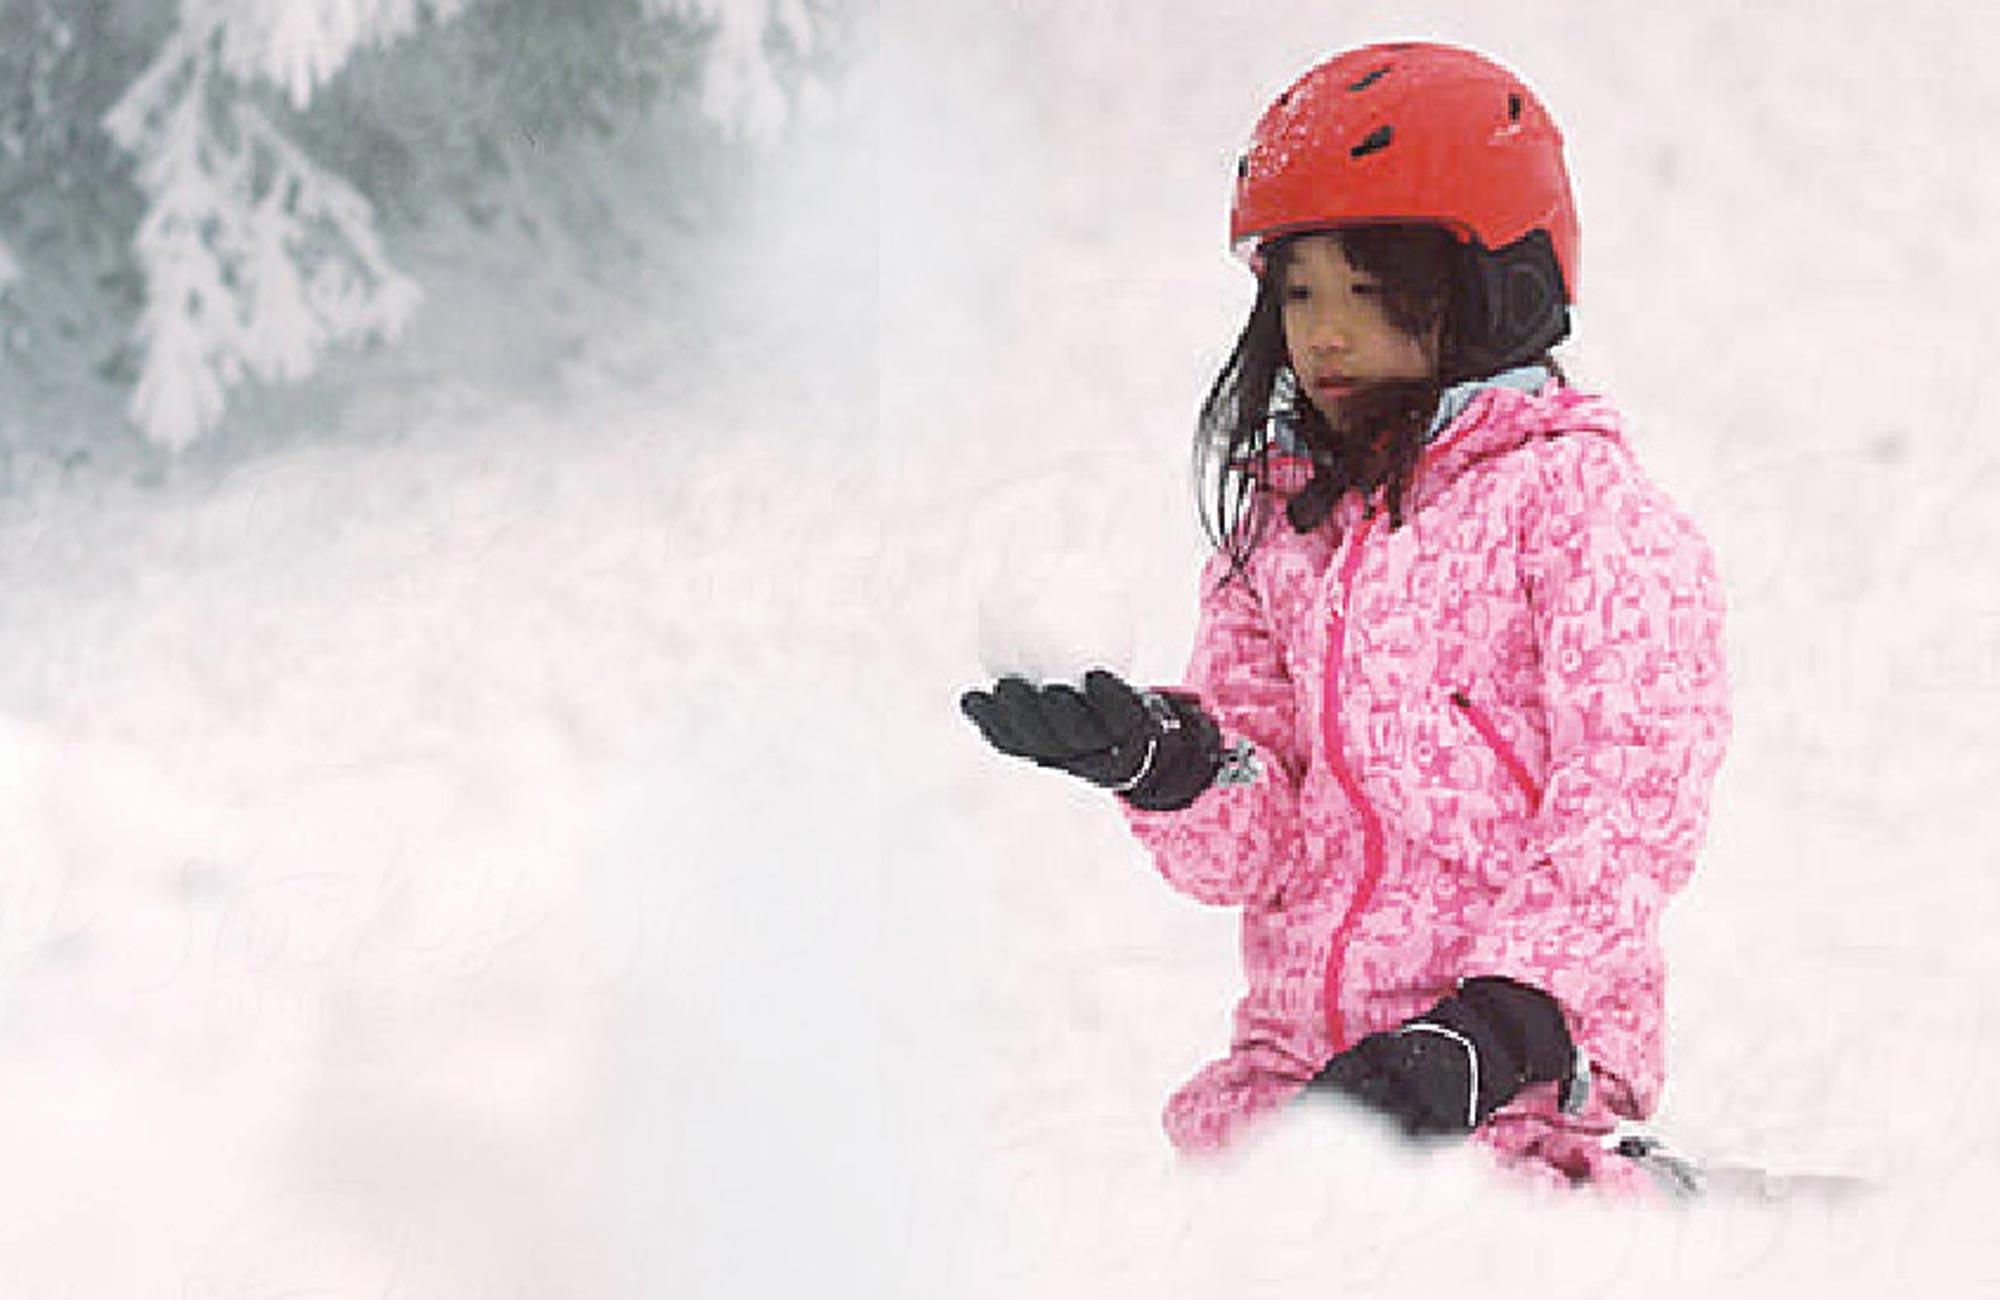 هل تناول الثلج ضار بالصحة؟